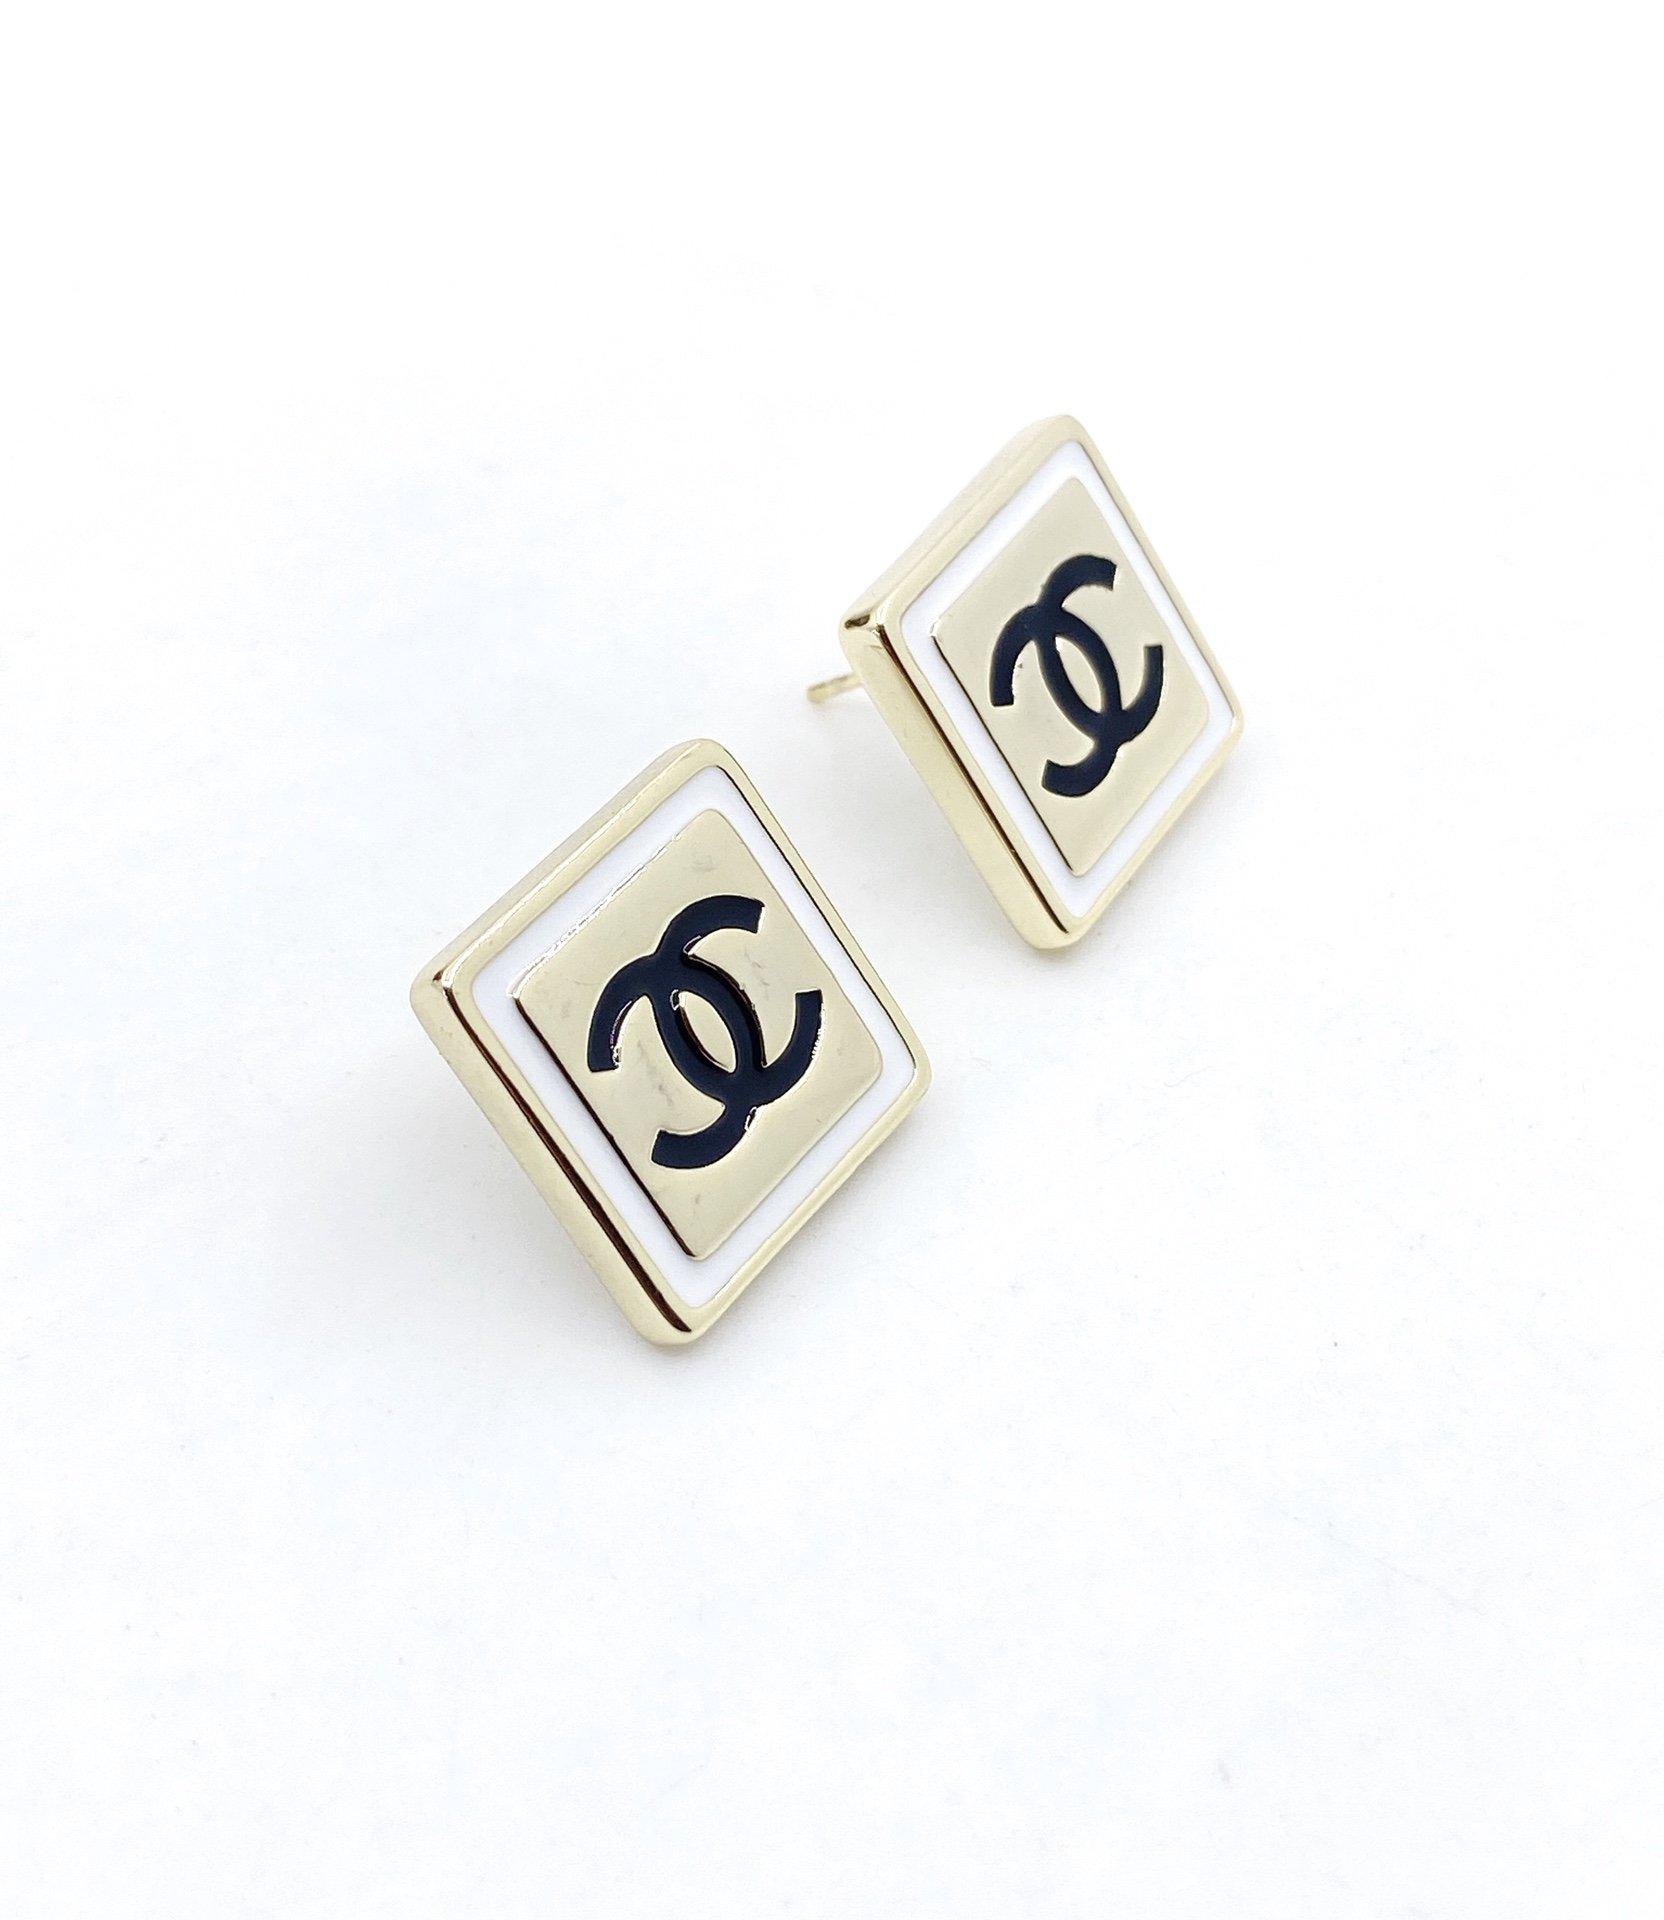 Chanel最新款方形耳钉一致ZP黄